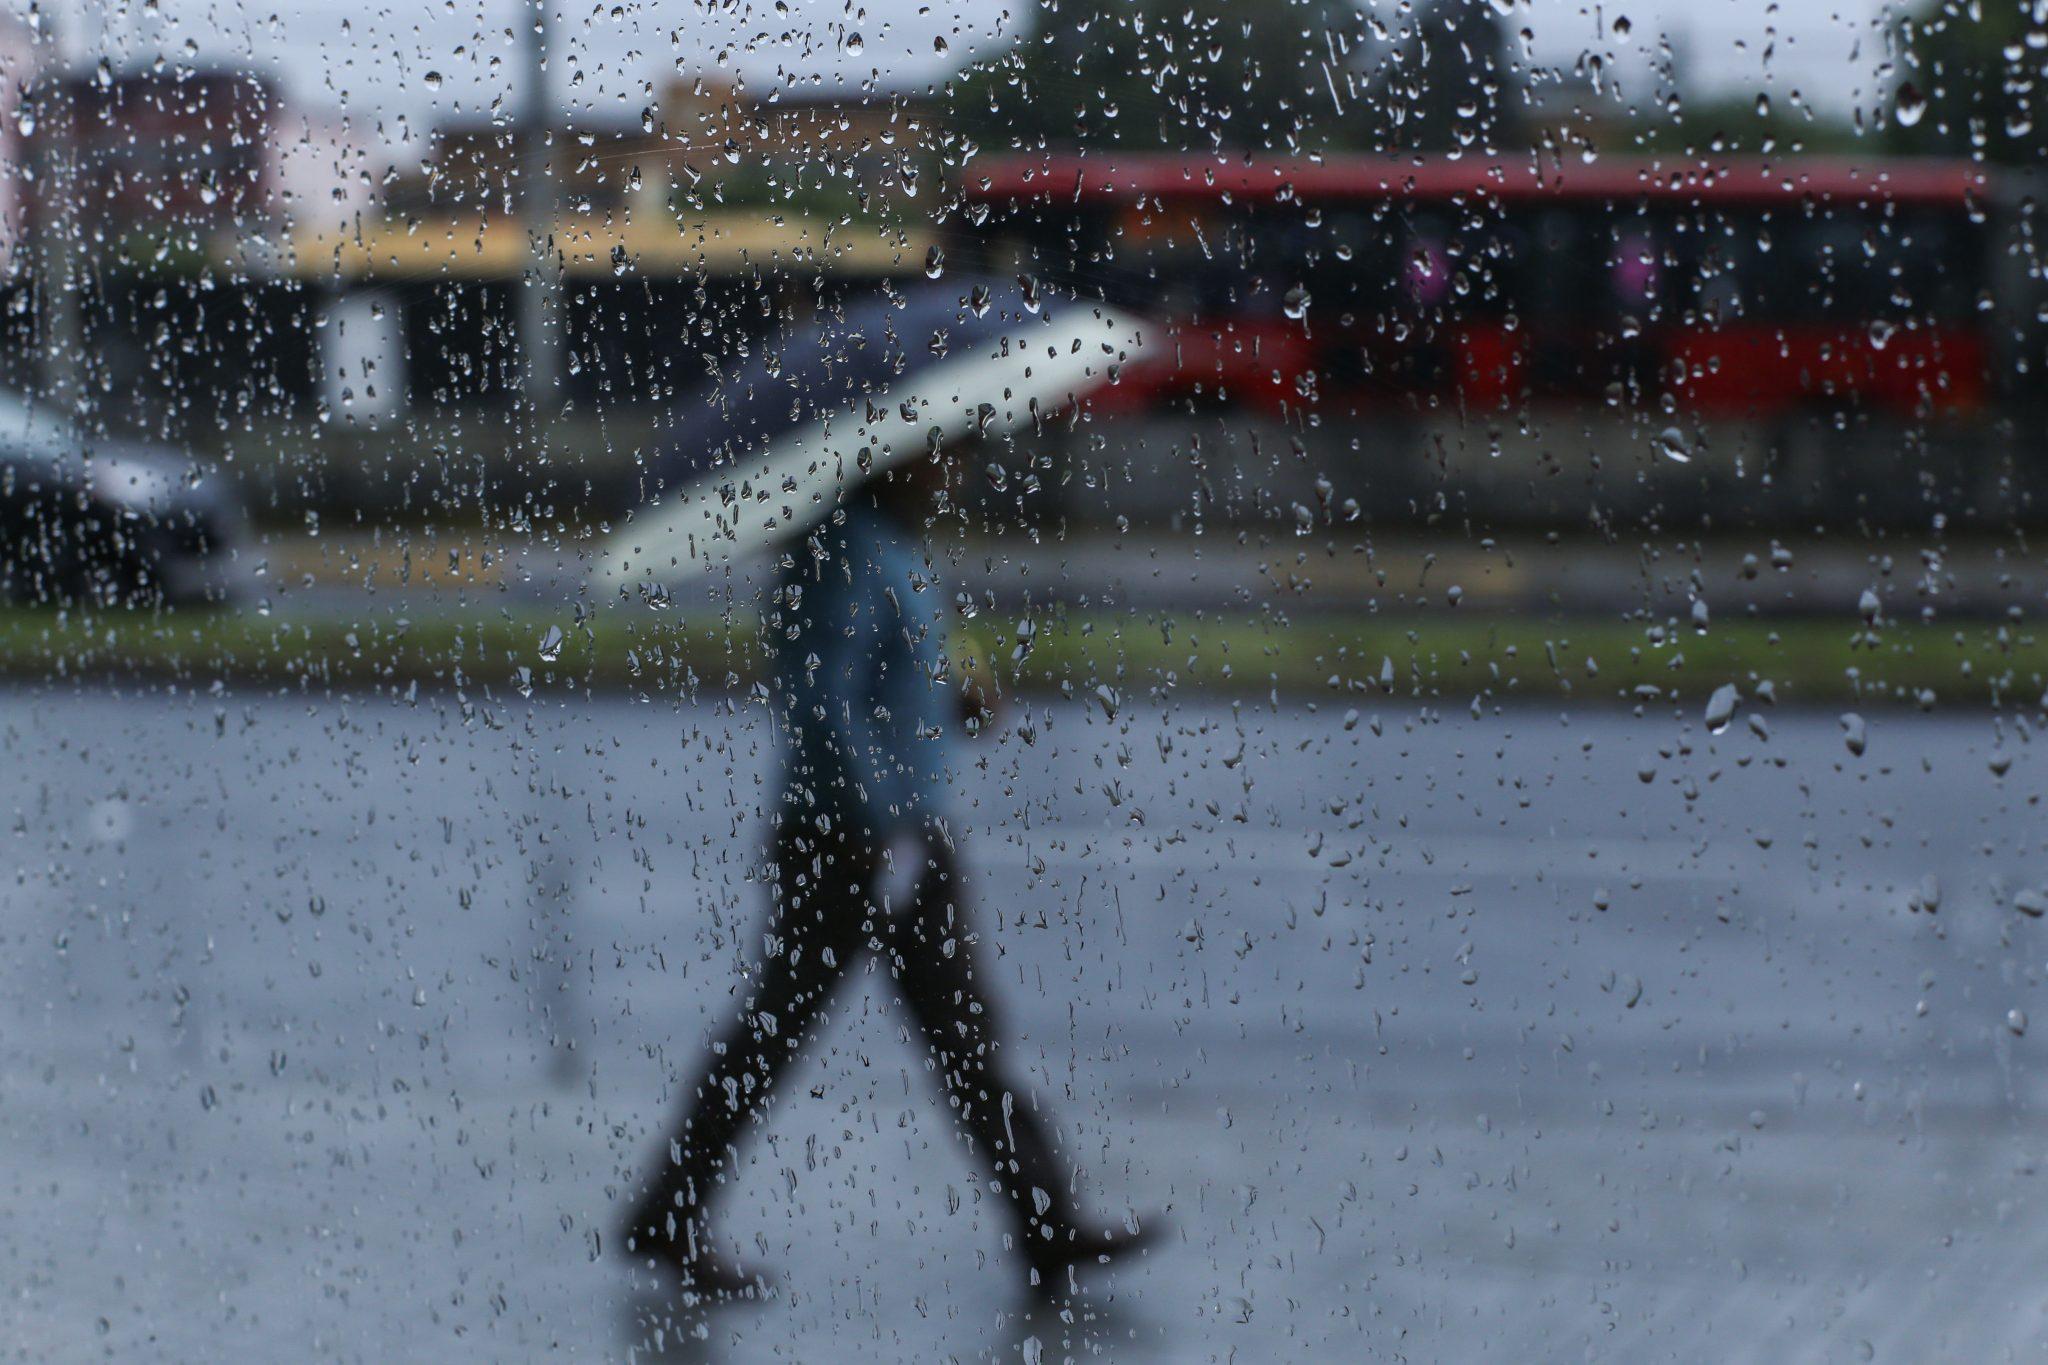 Este jueves prevalecerán las lluvias fuertes al Sur y Poniente de la Metrópoli